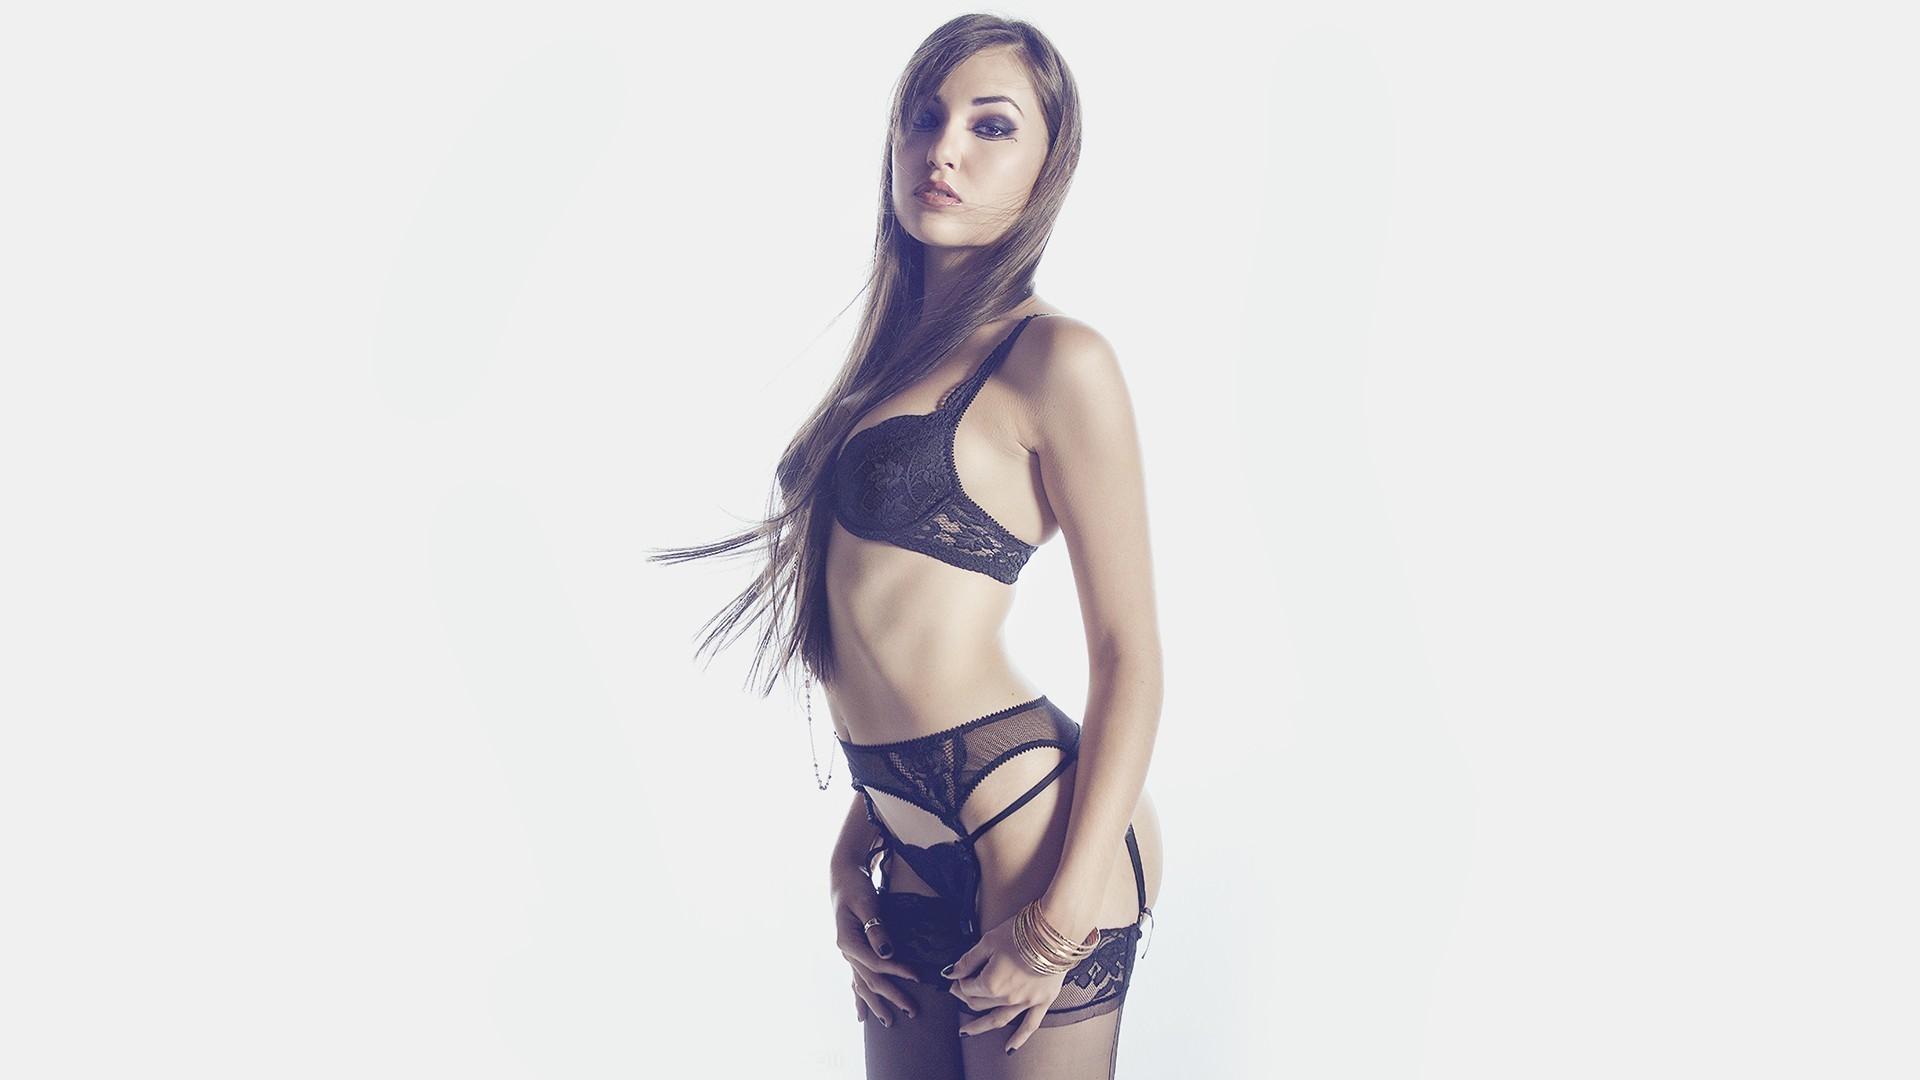 sasha grey free porno